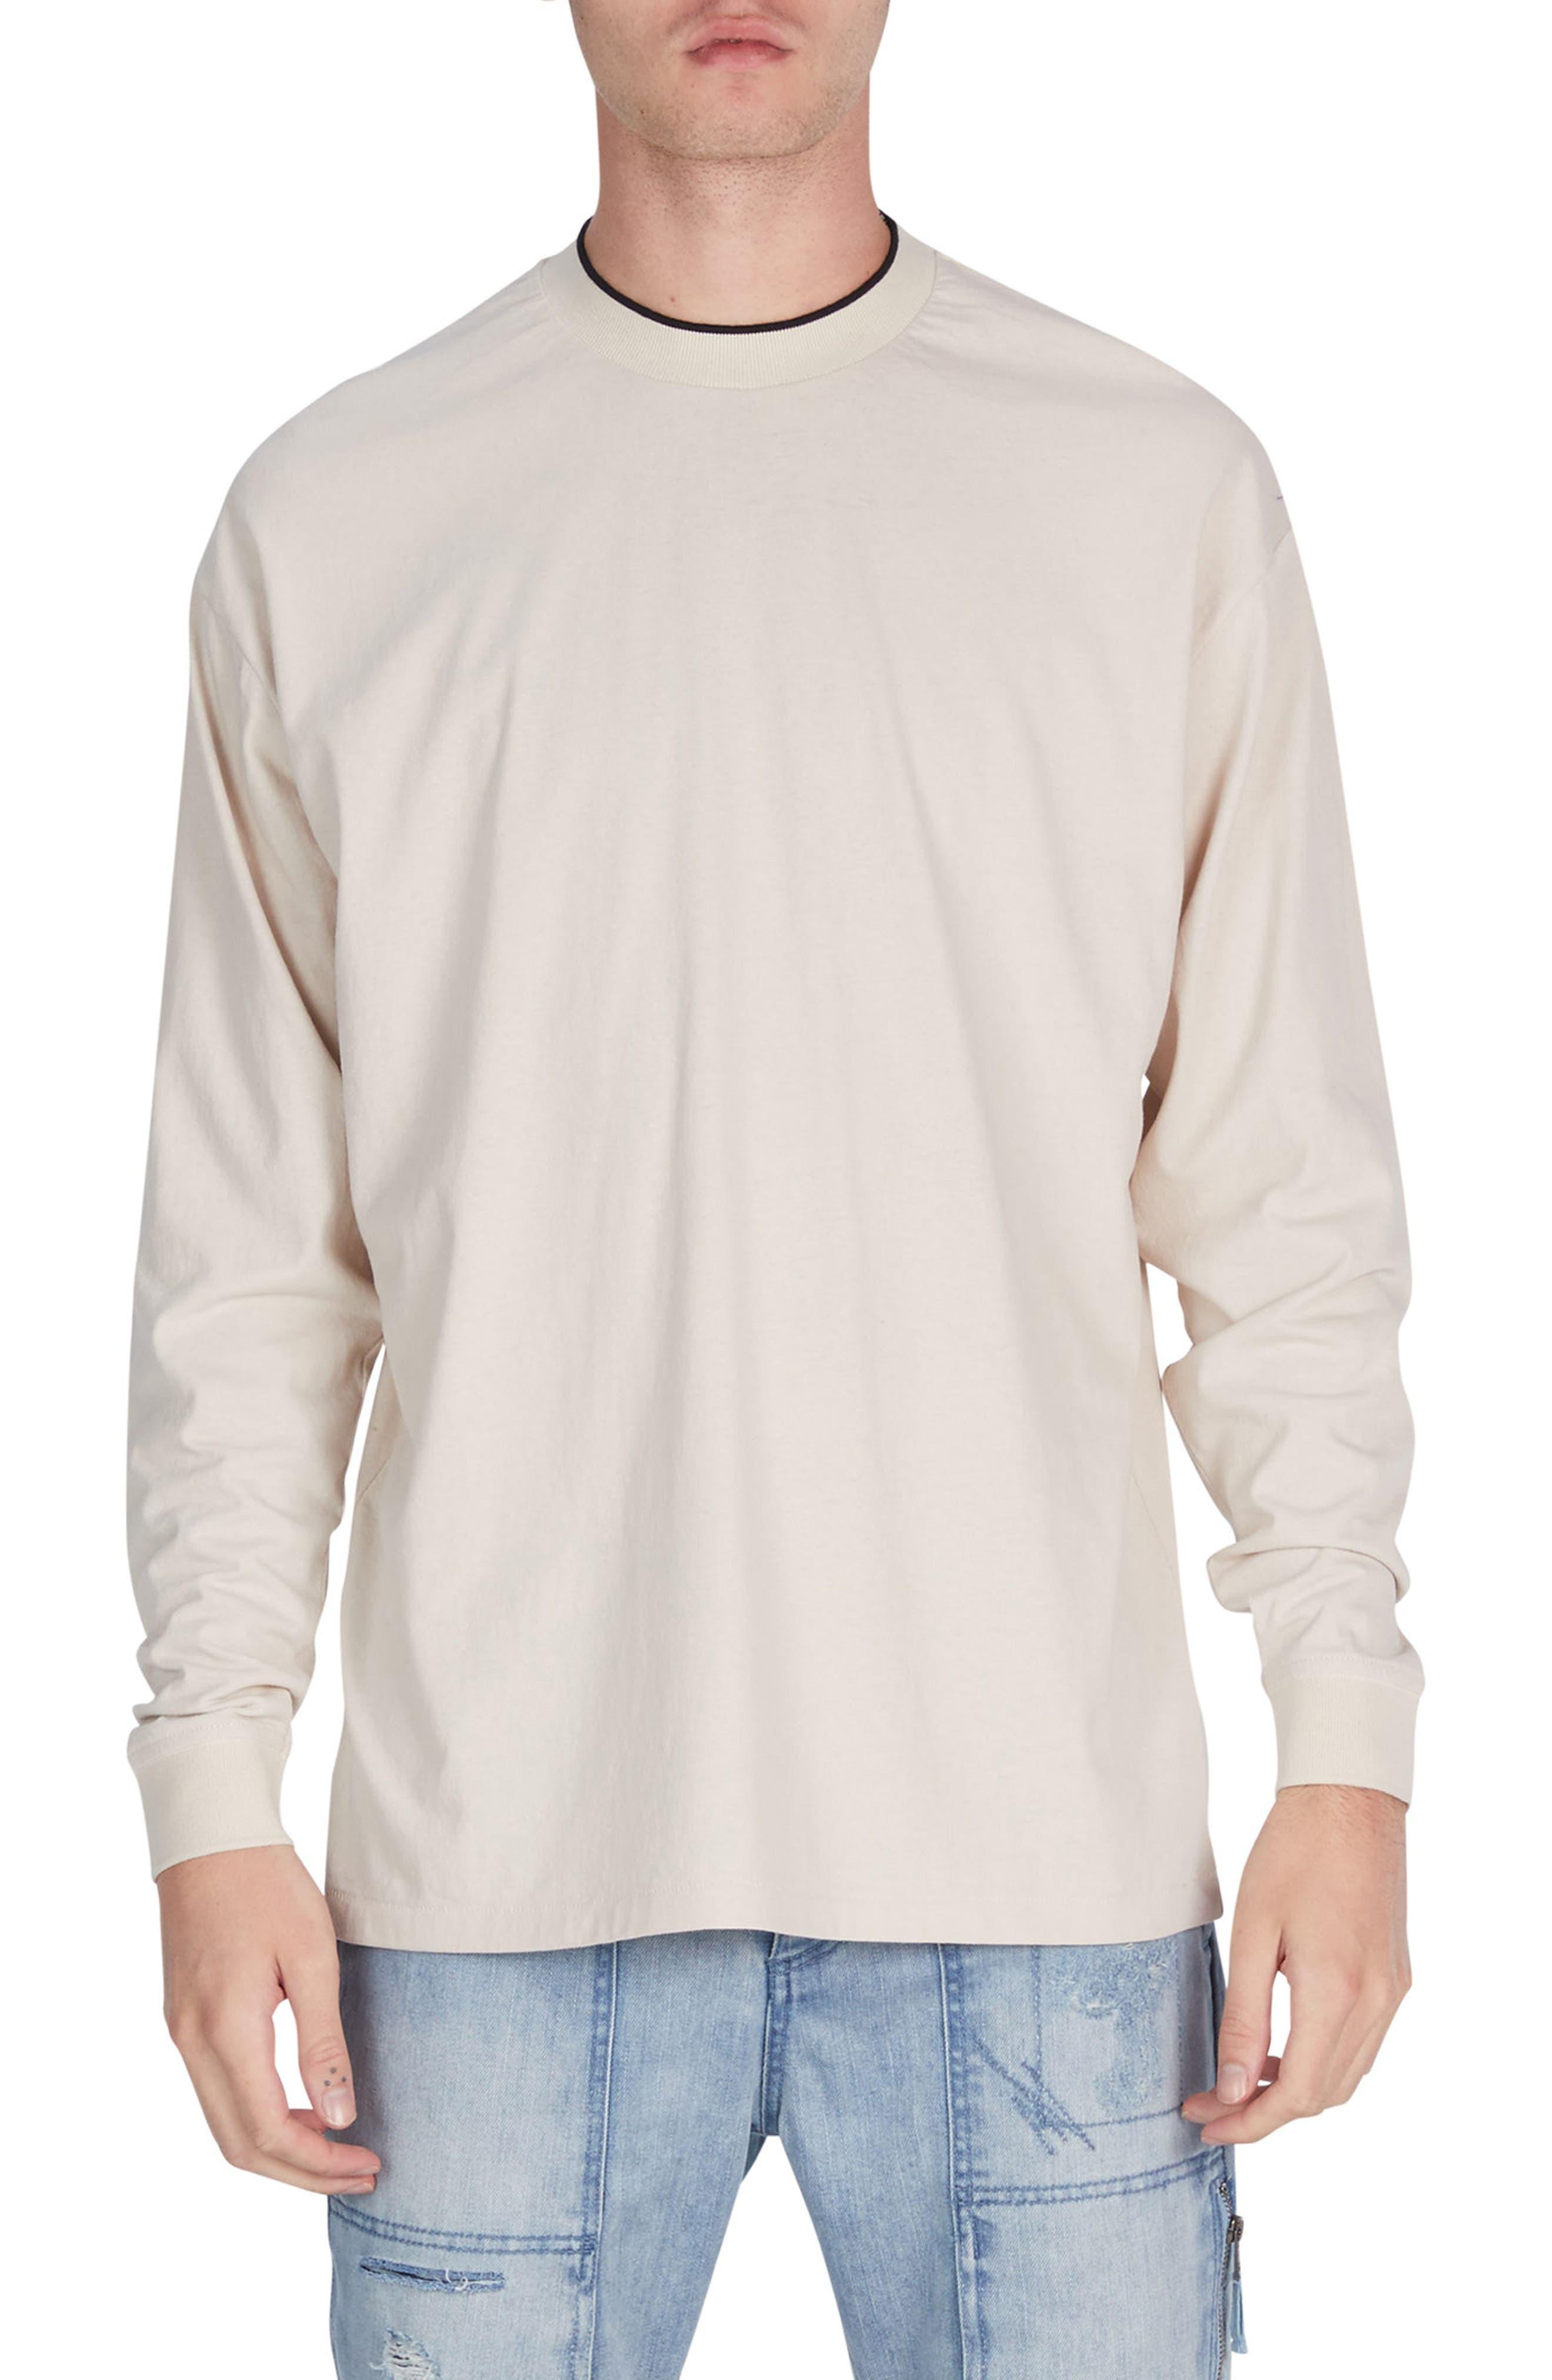 ZANEROBE Tipped Boxy T-Shirt